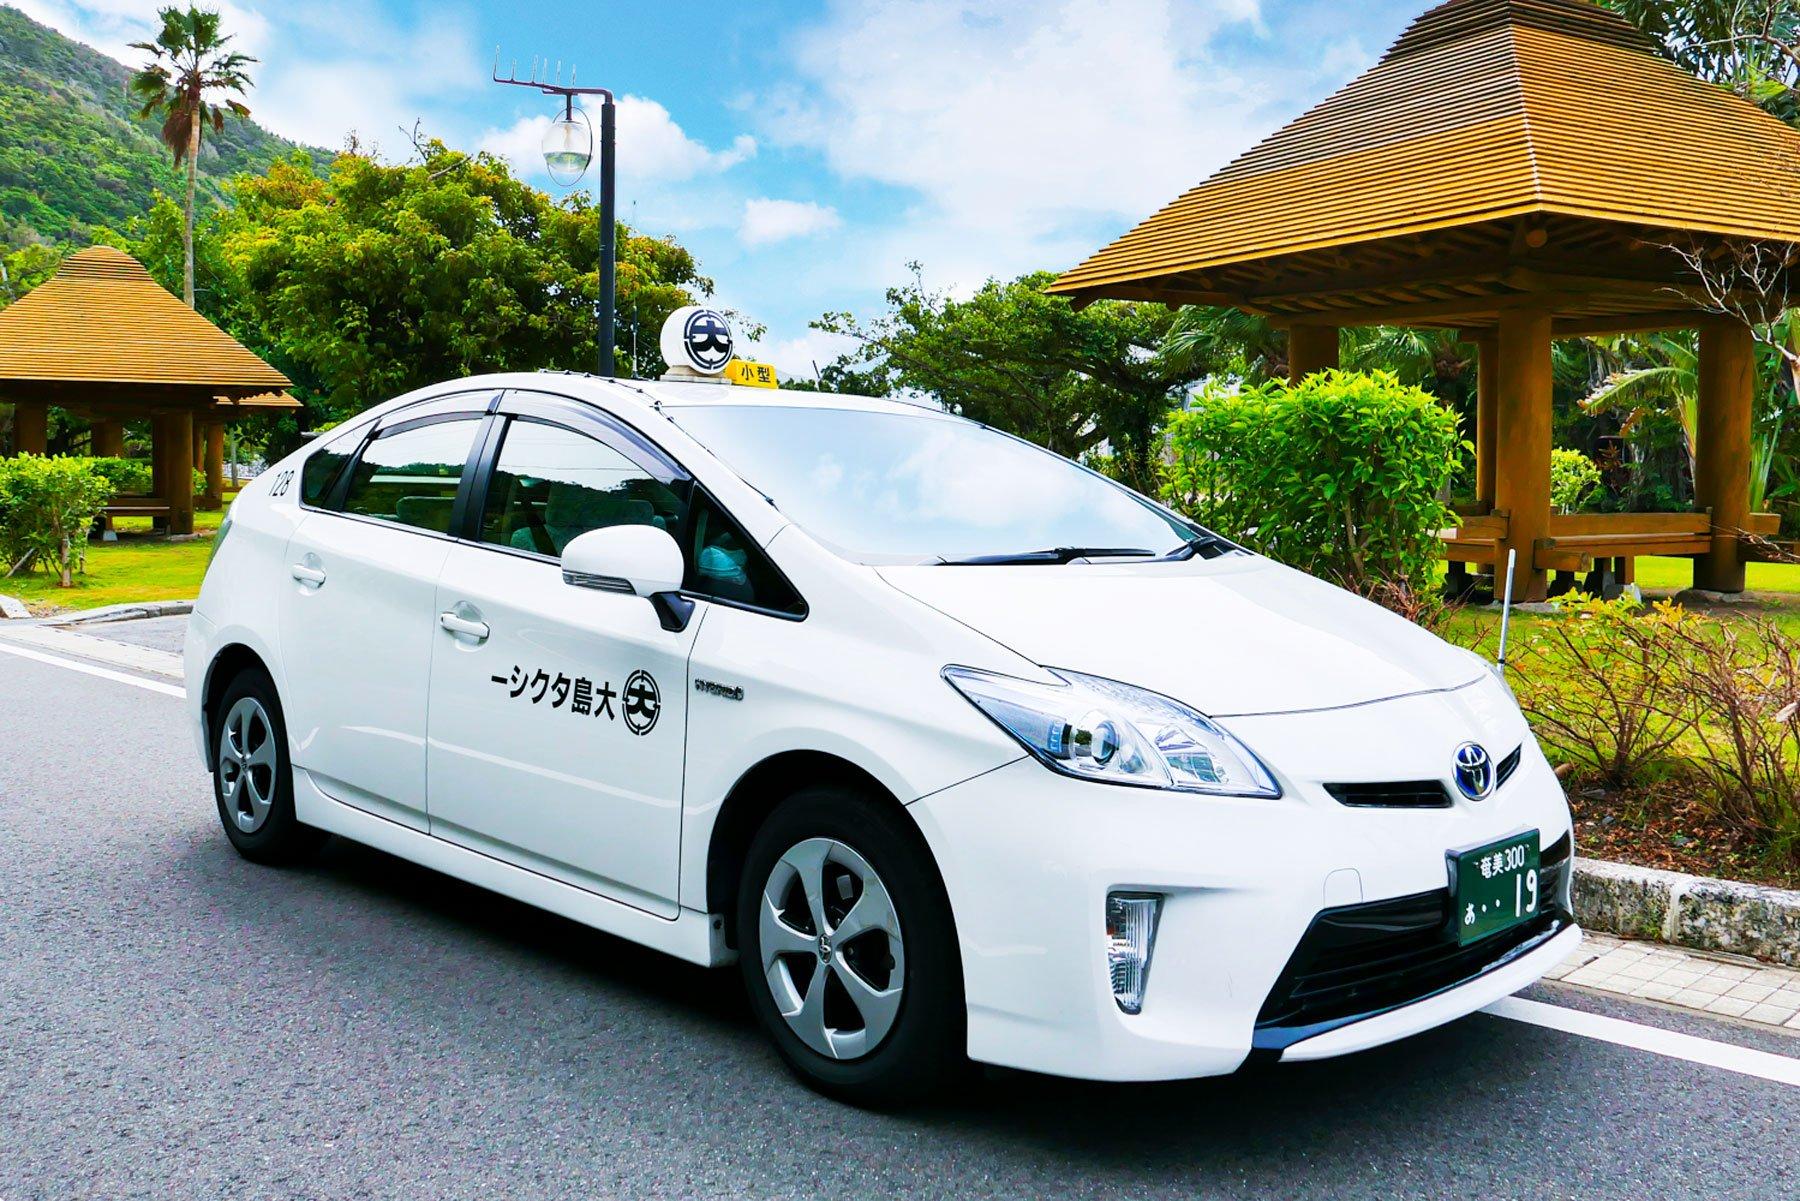 奄美大島観光からご近所まで タクシーなら大島タクシー